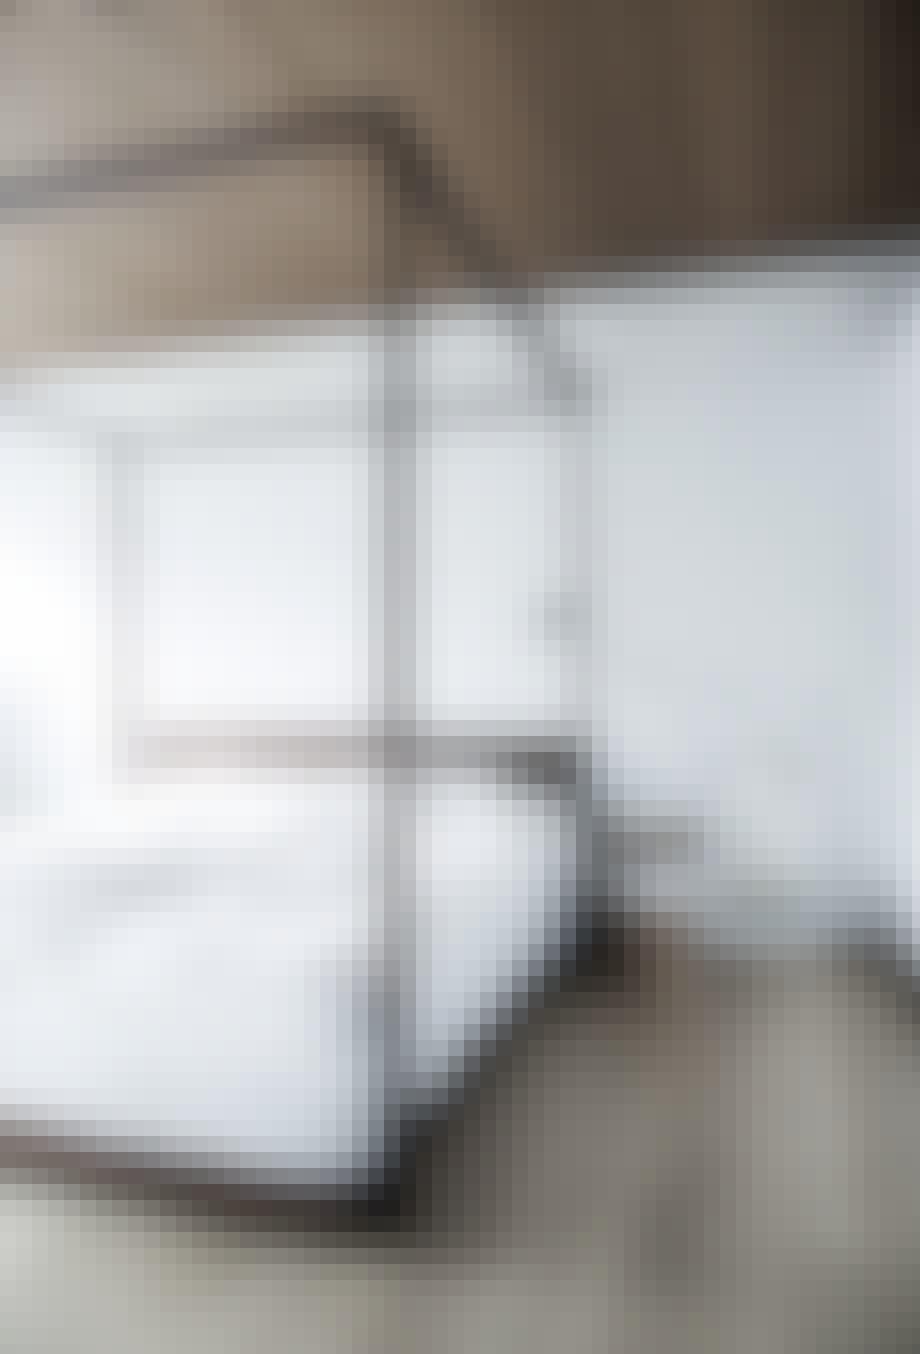 arkitekttegnede huse inspiration soveværelse seng